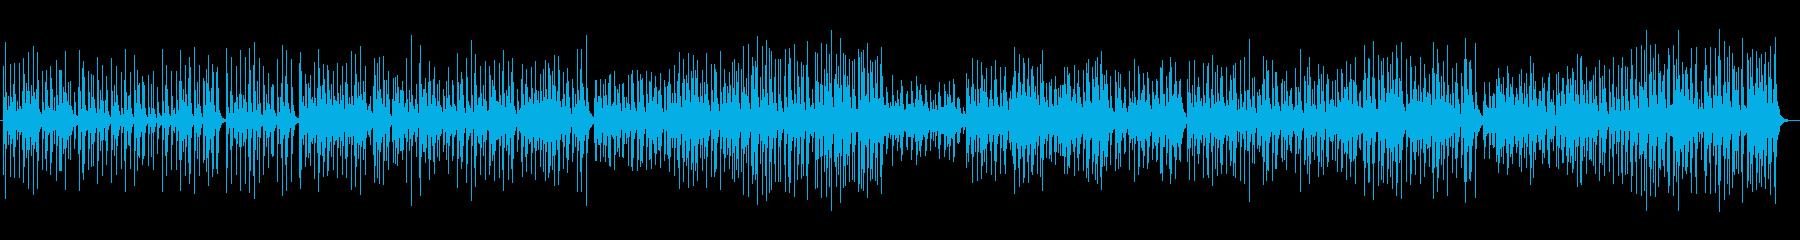 和風の旋律が特徴の楽曲の再生済みの波形